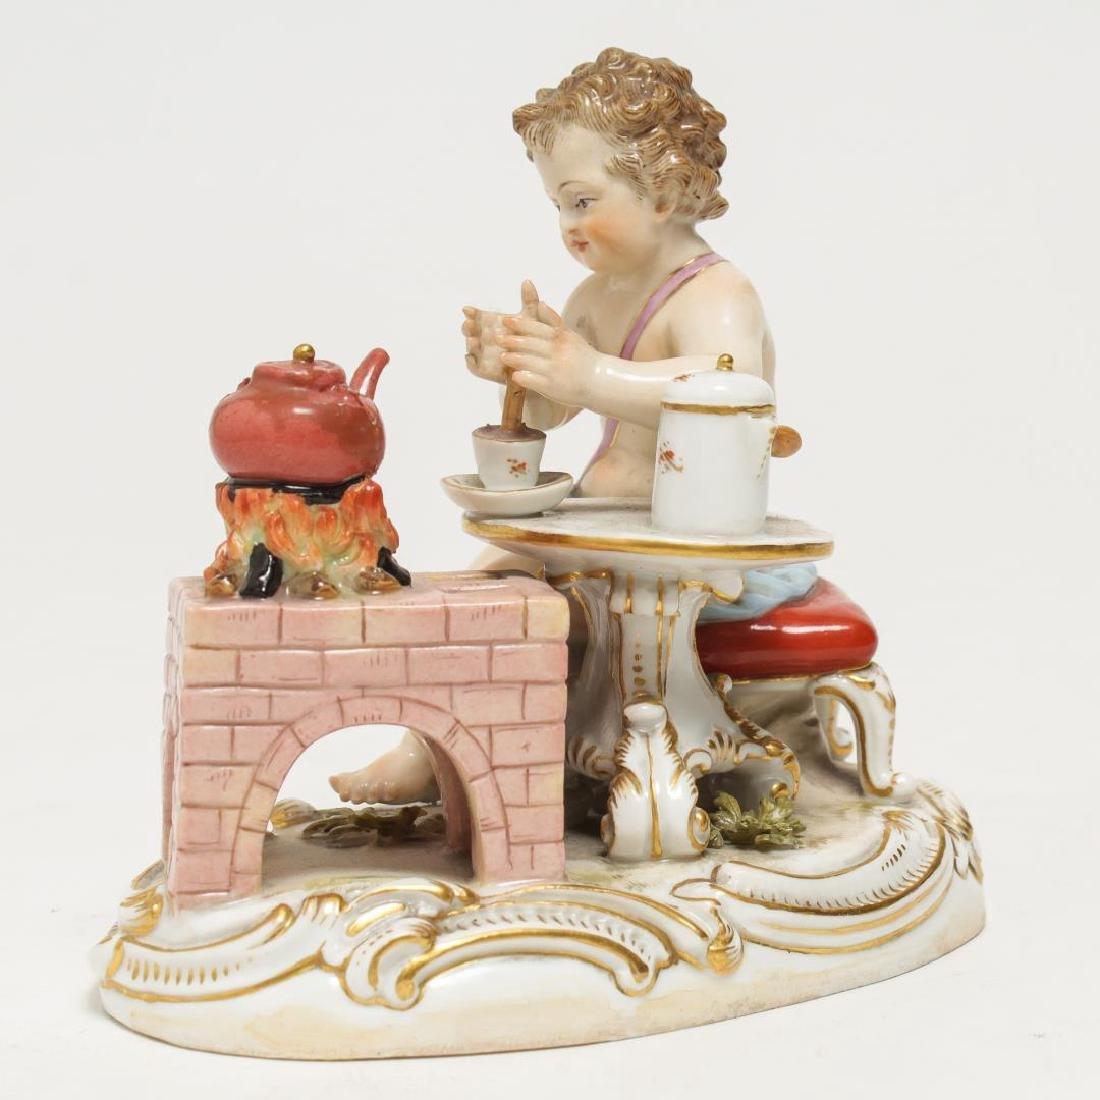 Meissen Porcelain Cherub Chocolatier Figurine - 3